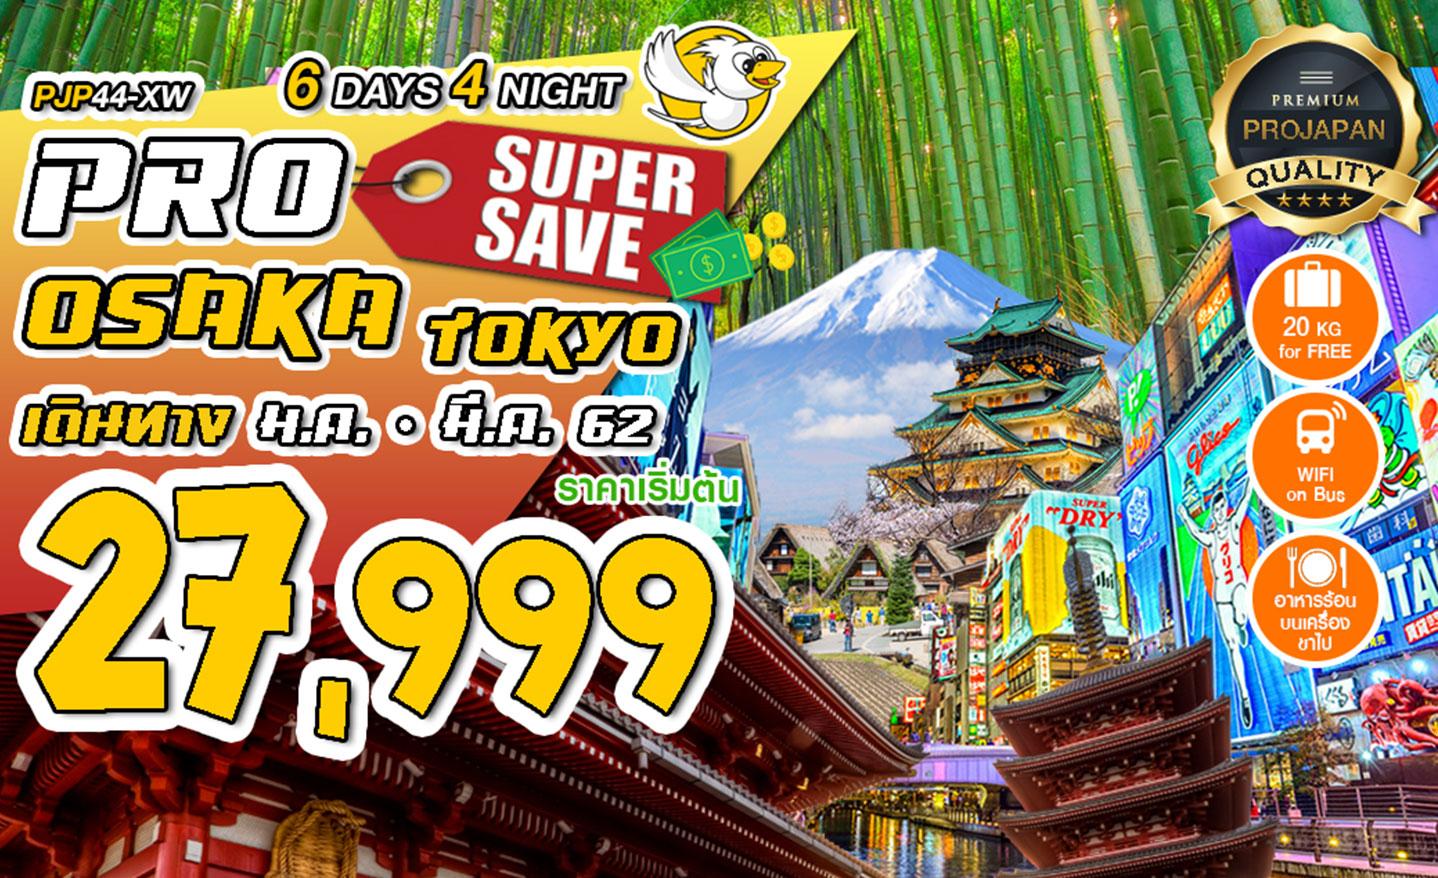 ทัวร์ญี่ปุ่น Osaka Tokyo Super Save (ม.ค.-มี.ค.62)